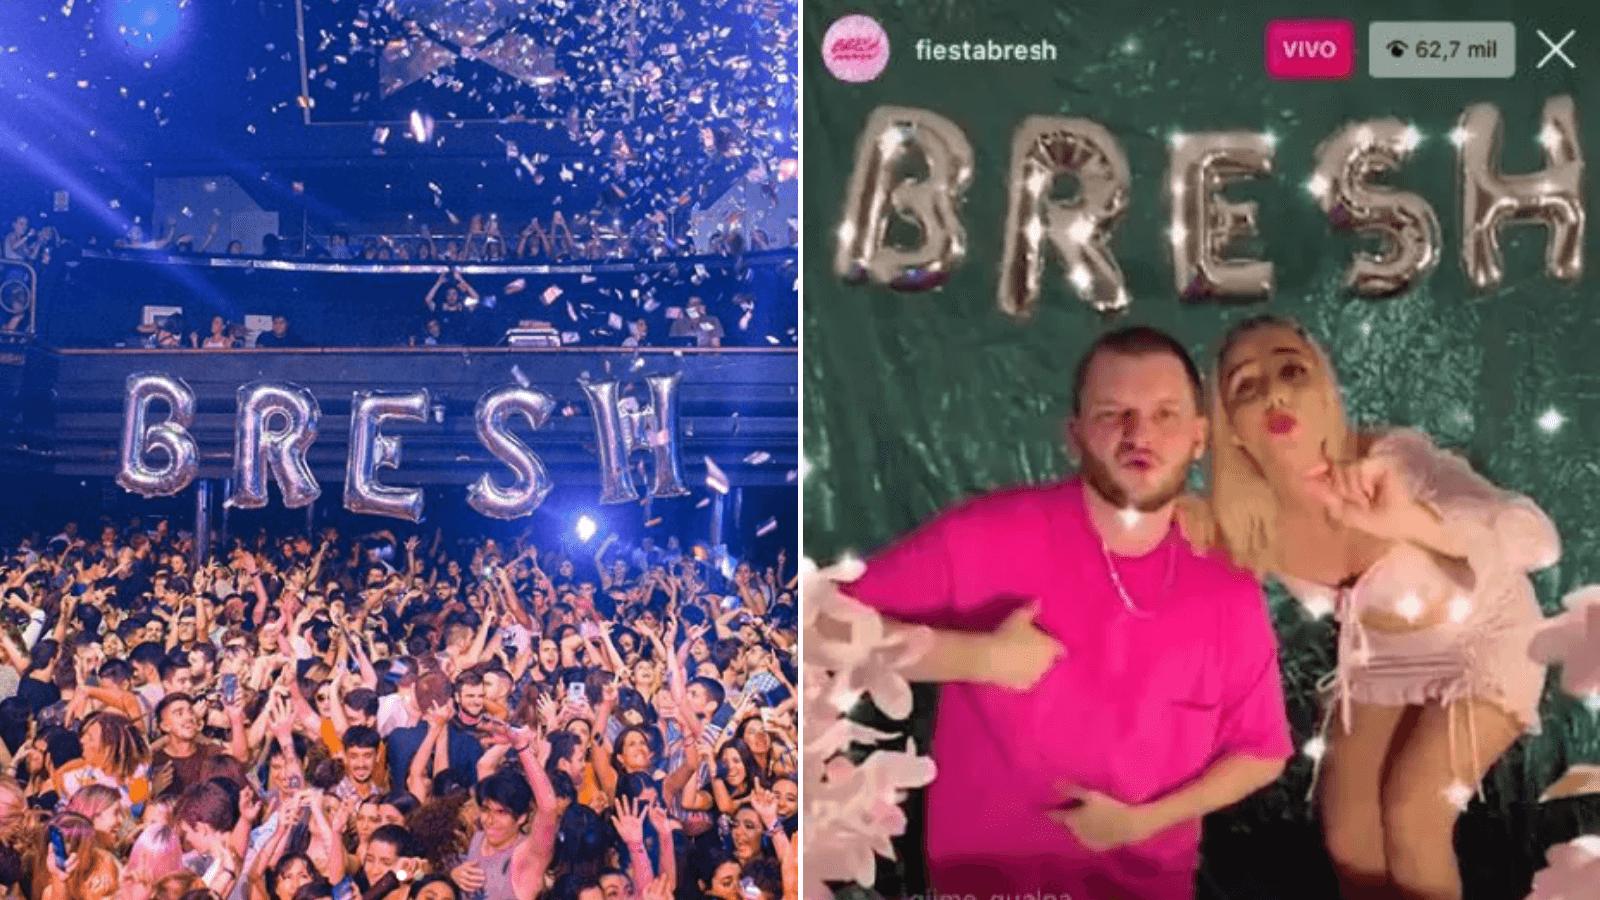 La 'Bresh' Un fenómeno musical multitudinario que pasó a ser furor en streaming durante el aislamiento obligatorio 66